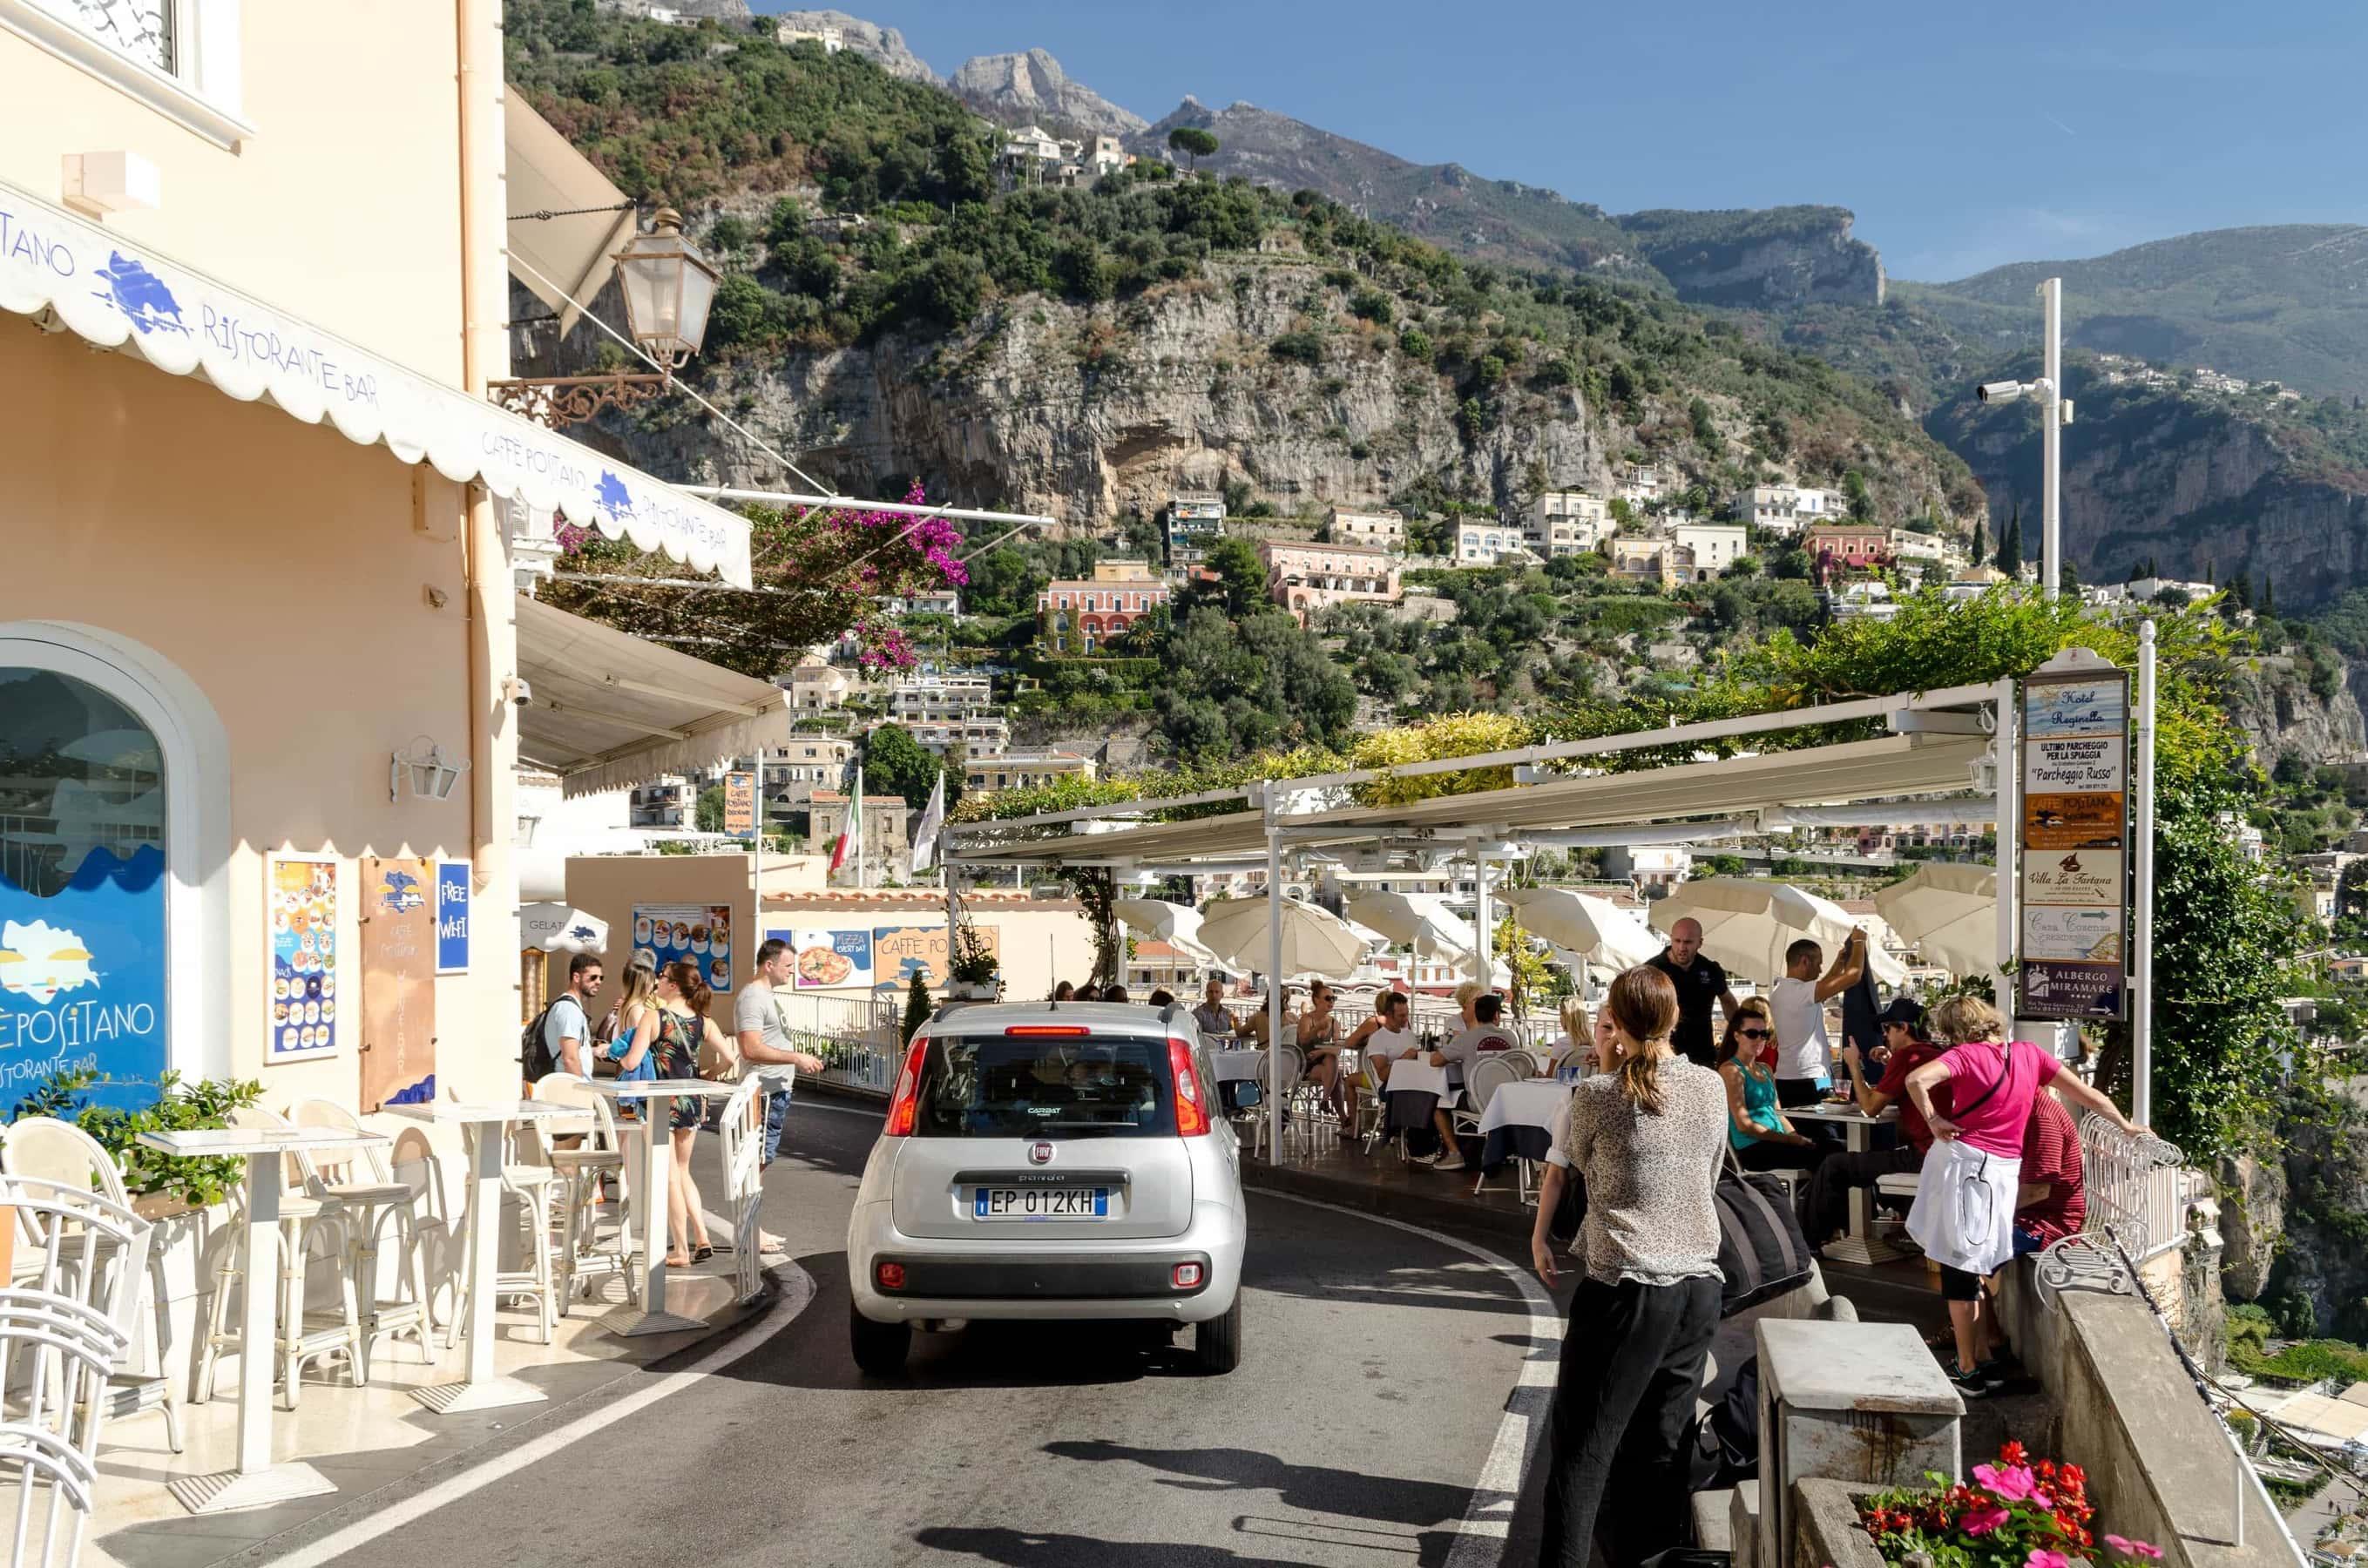 Positano und die engen Straßen an der Amalfiküste